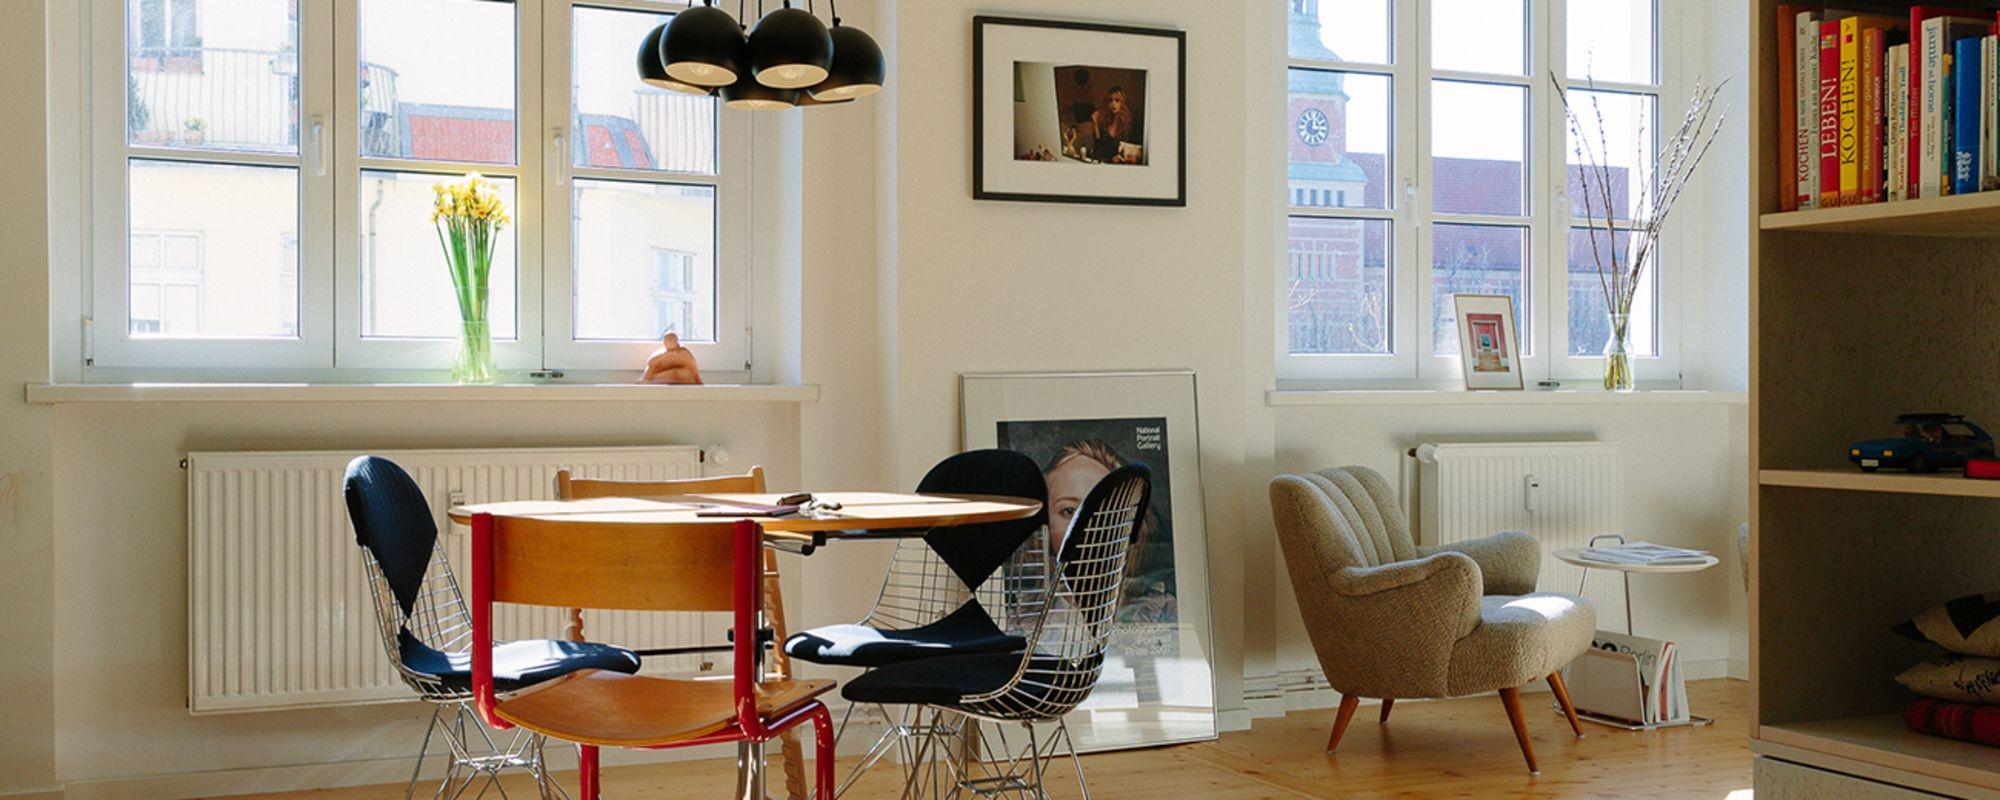 Projekt Duncker, Berliner Wohnung, CBAG Studio, kleine Wohnungen